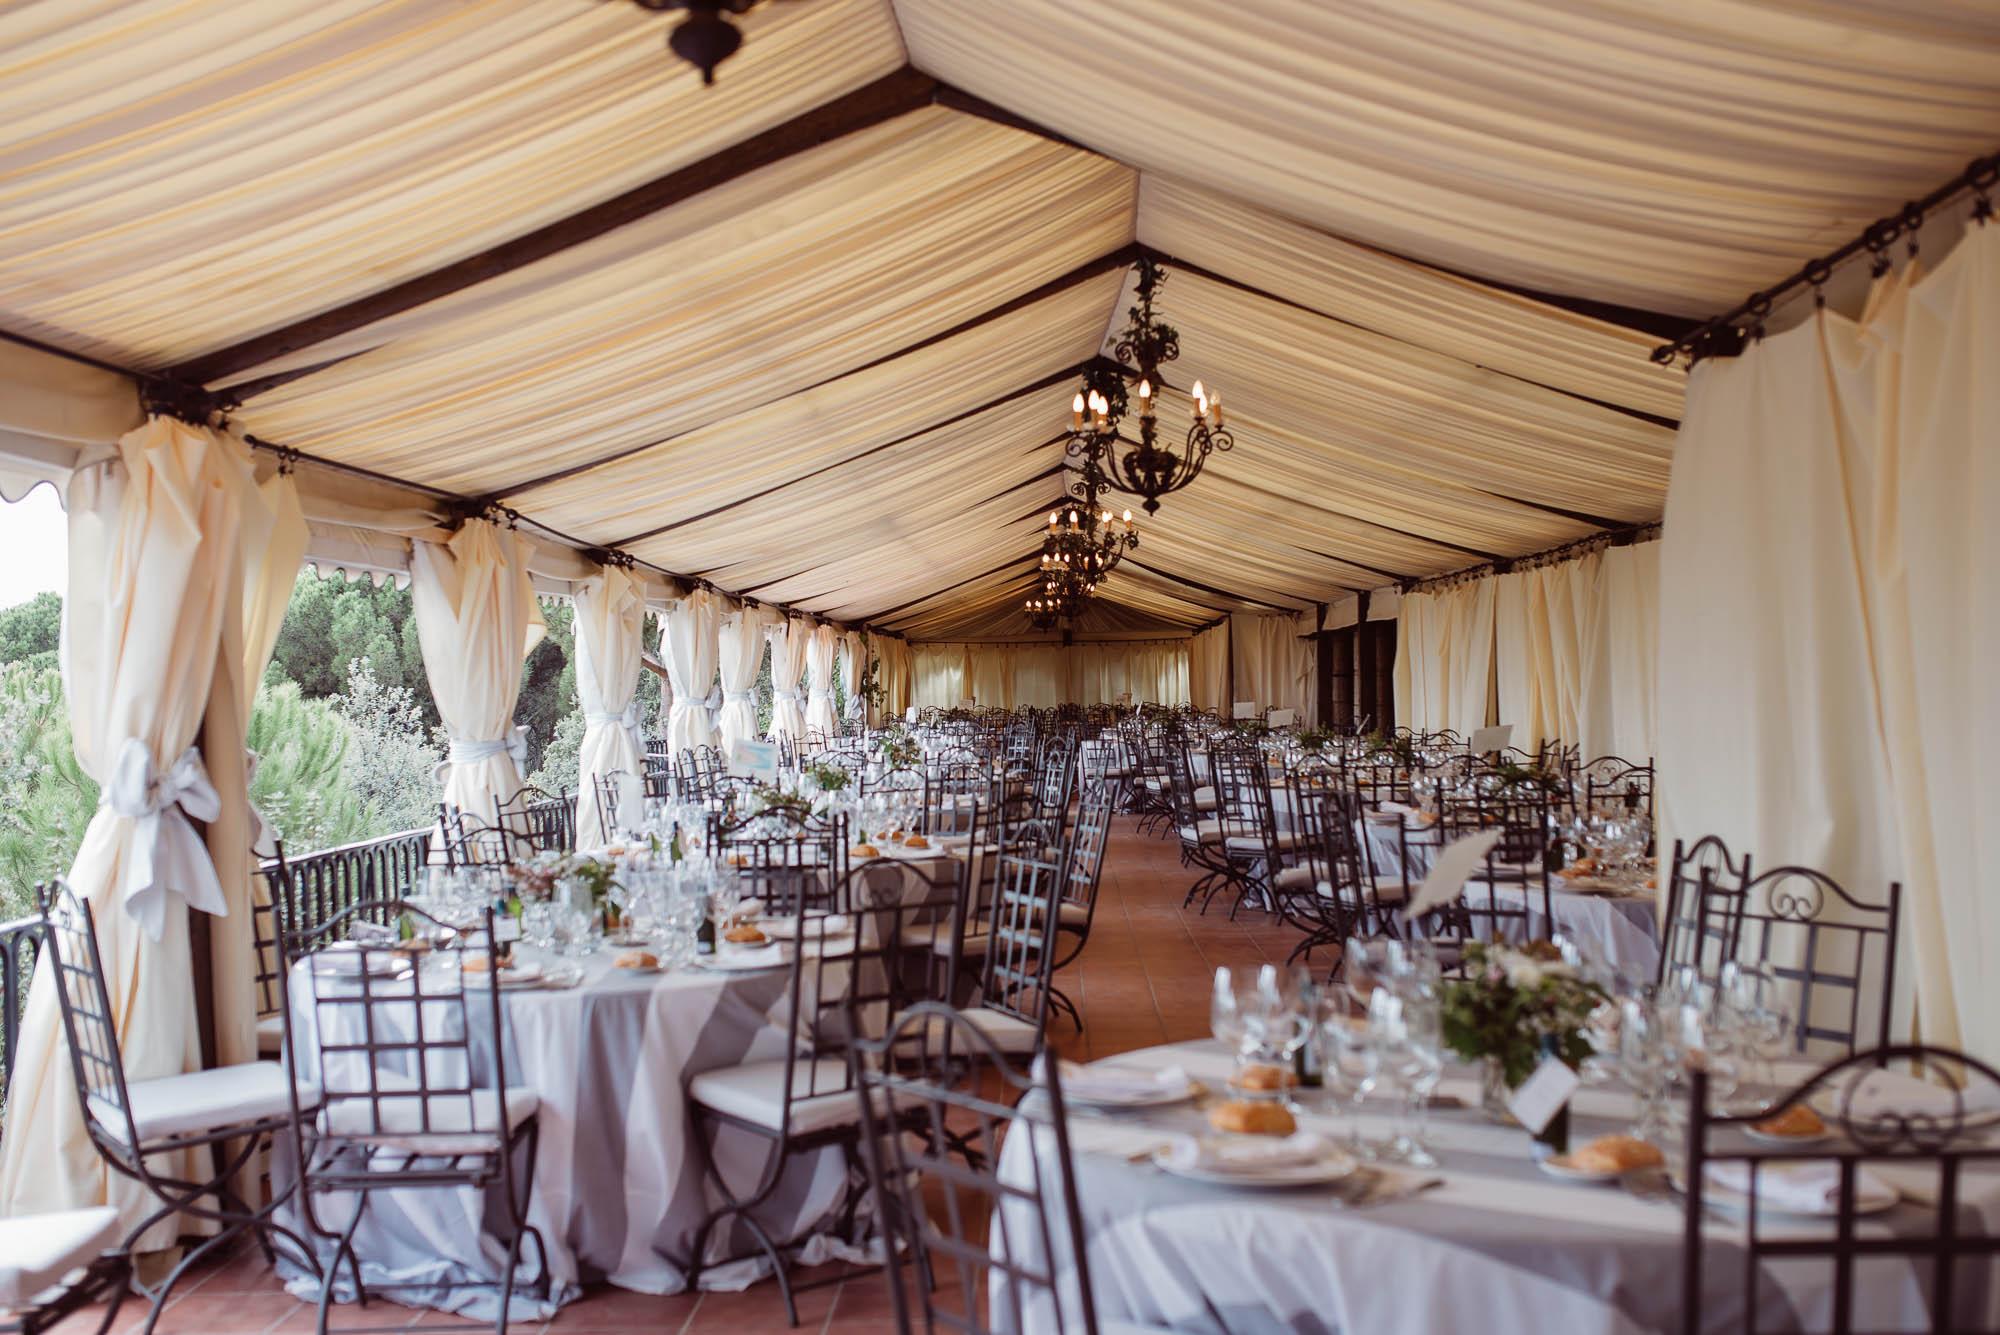 Comedor para los invitados de la boda